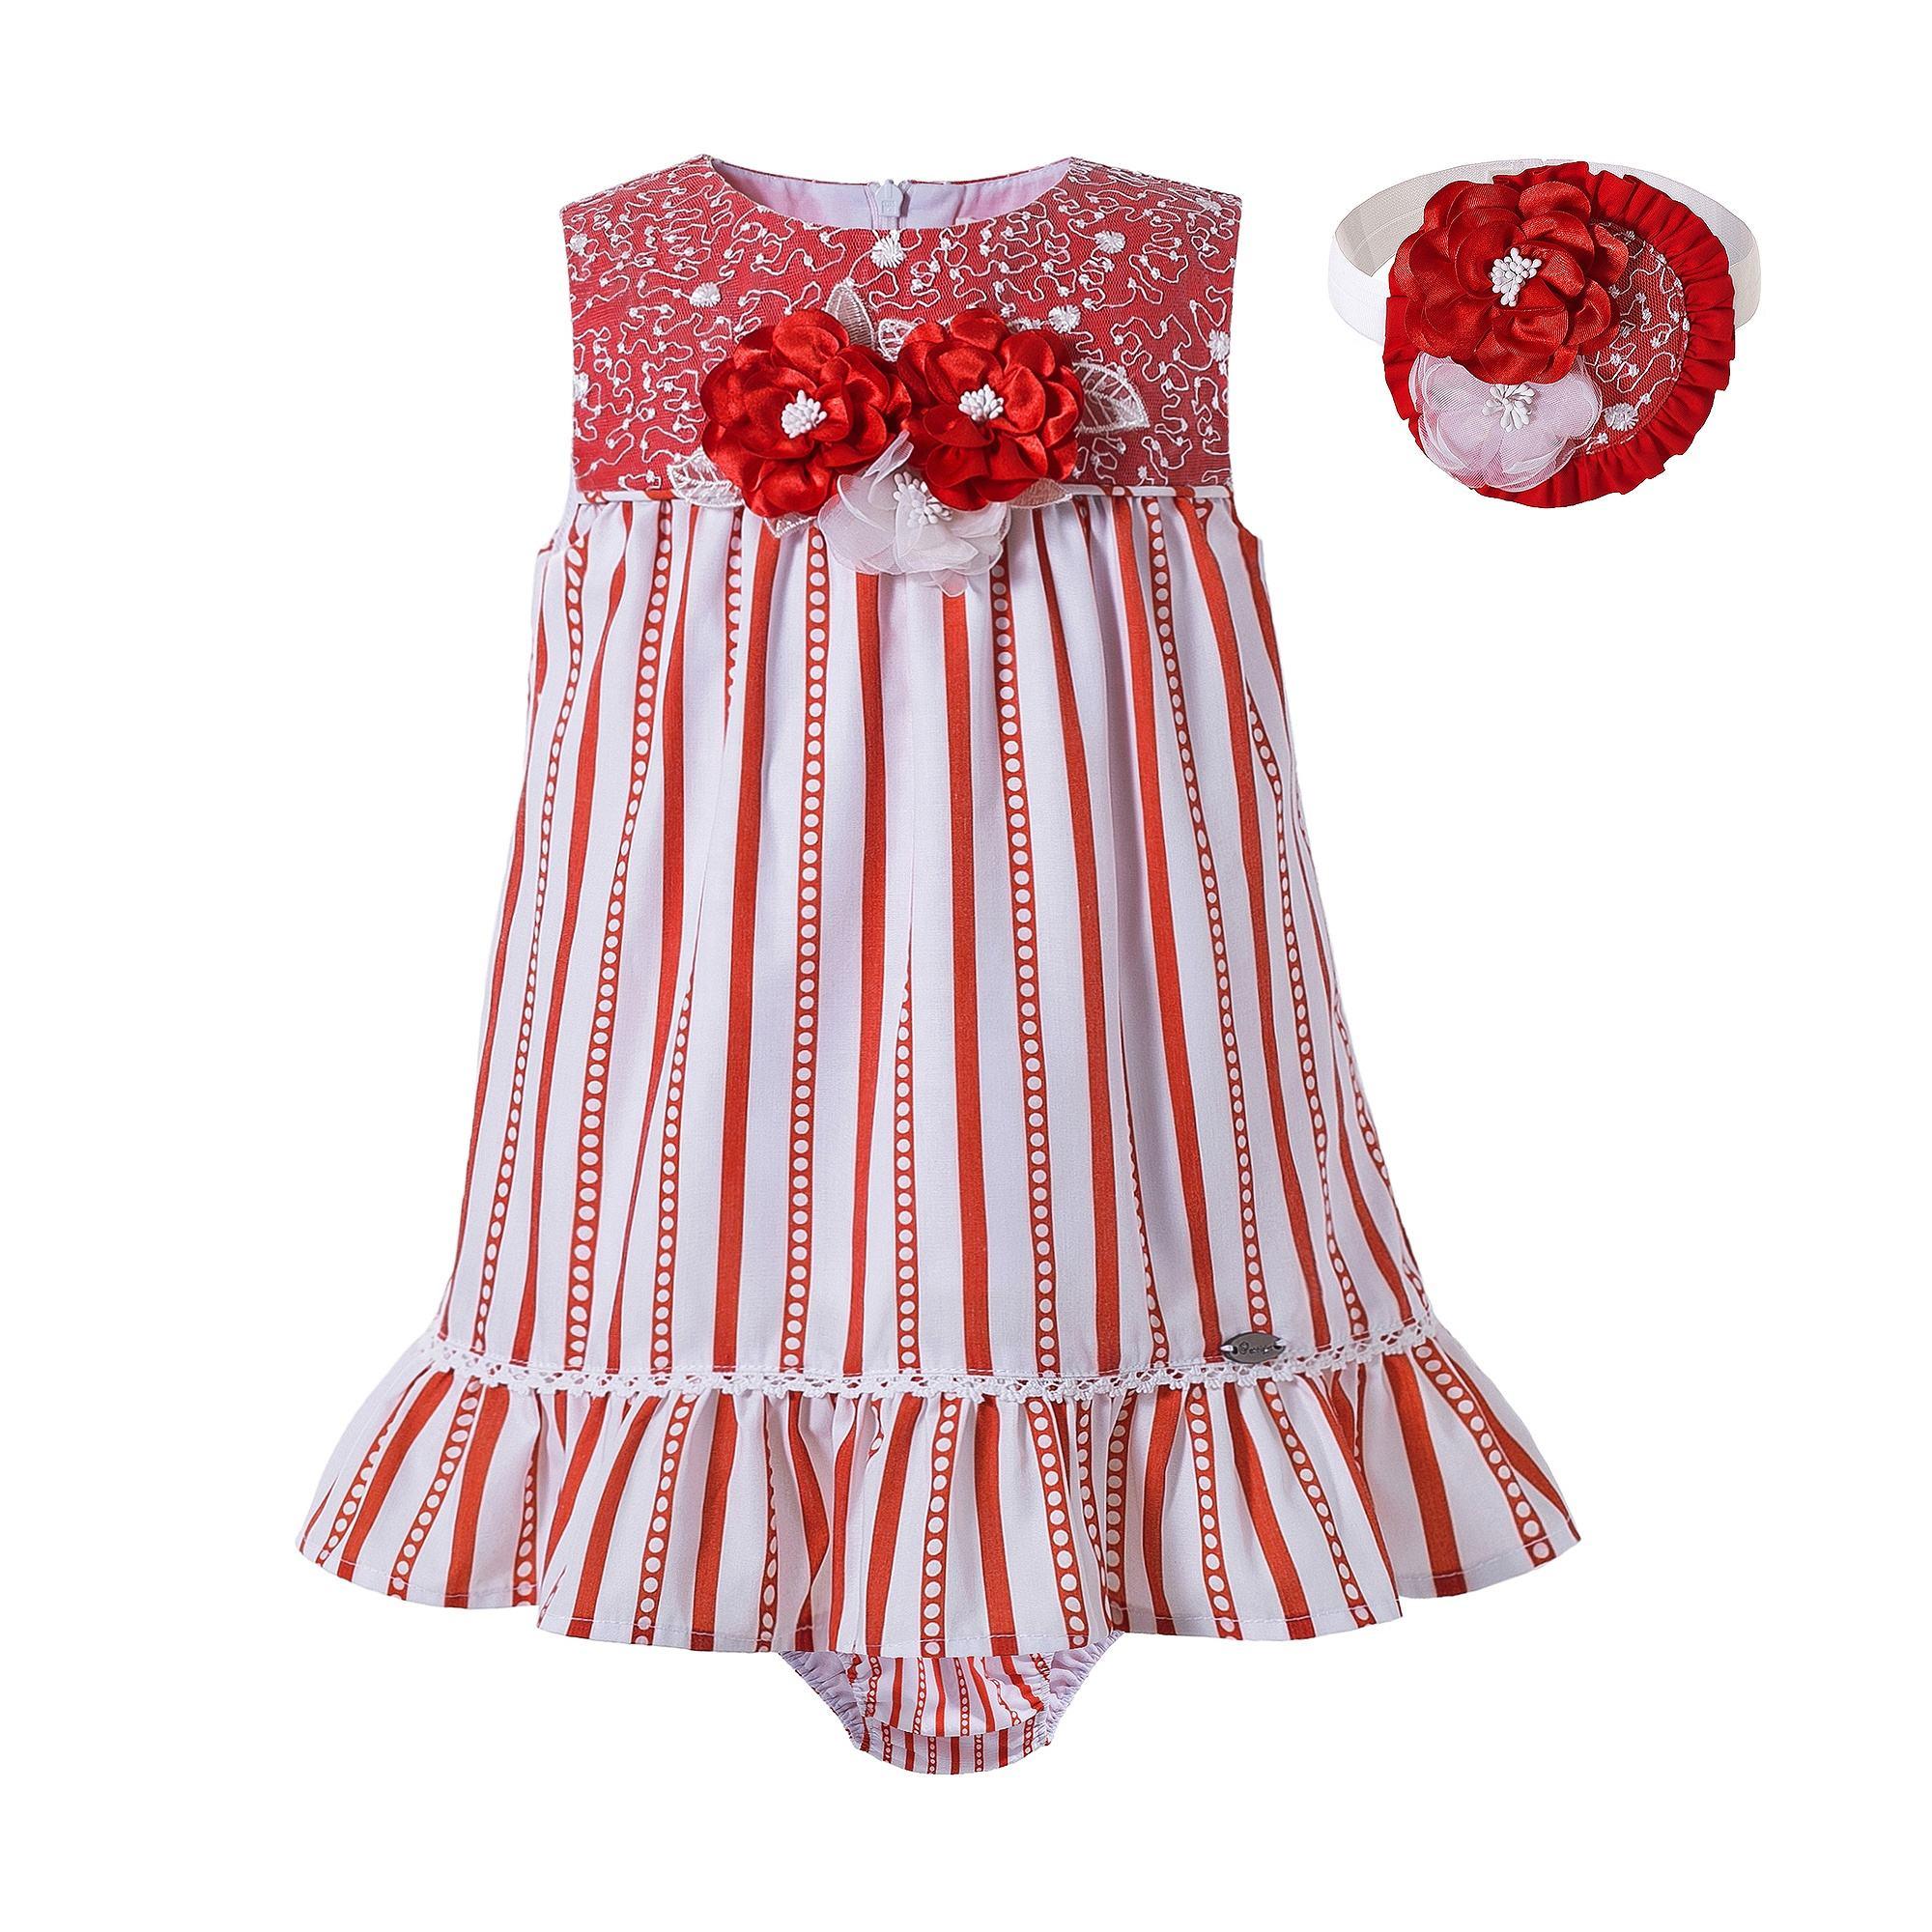 2020 جودة عالية Pettigirl الاطفال ملابس الفتيات مجموعات بلا أكمام فستان مخطط وردي للفتيات الصغيرات